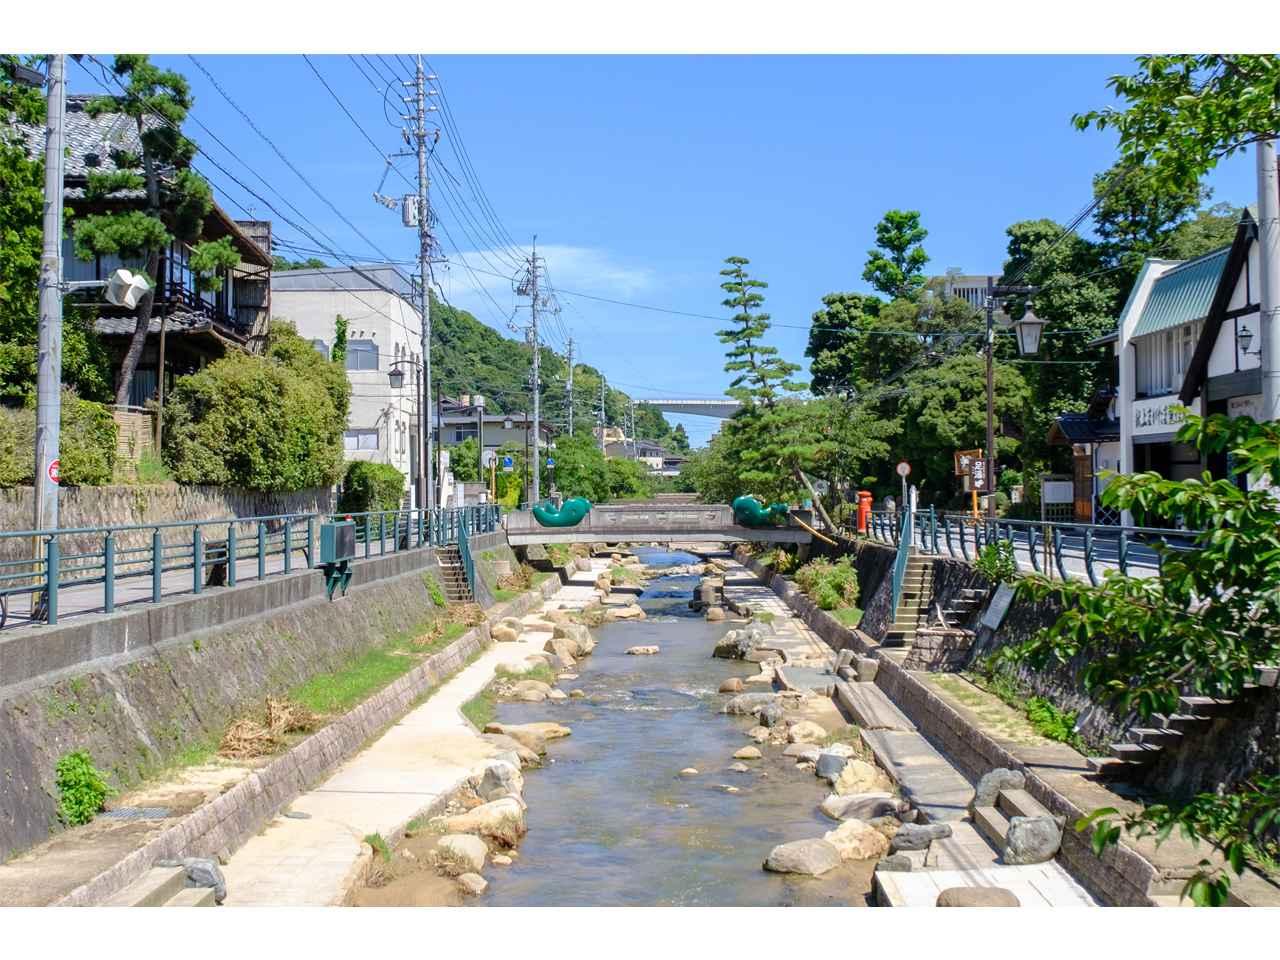 画像: 温泉街を流れる玉湯川の風景。